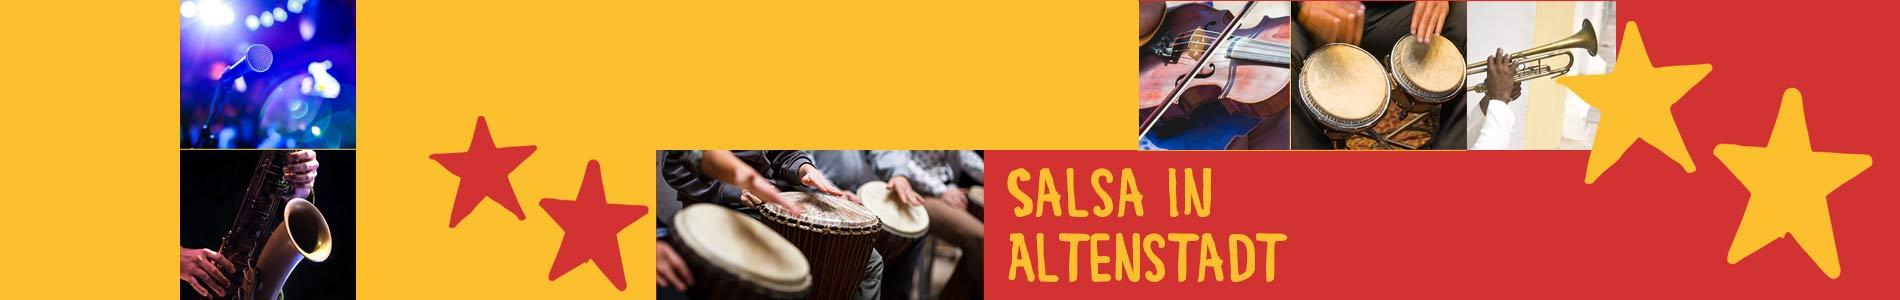 Salsa in Altenstadt – Salsa lernen und tanzen, Tanzkurse, Partys, Veranstaltungen